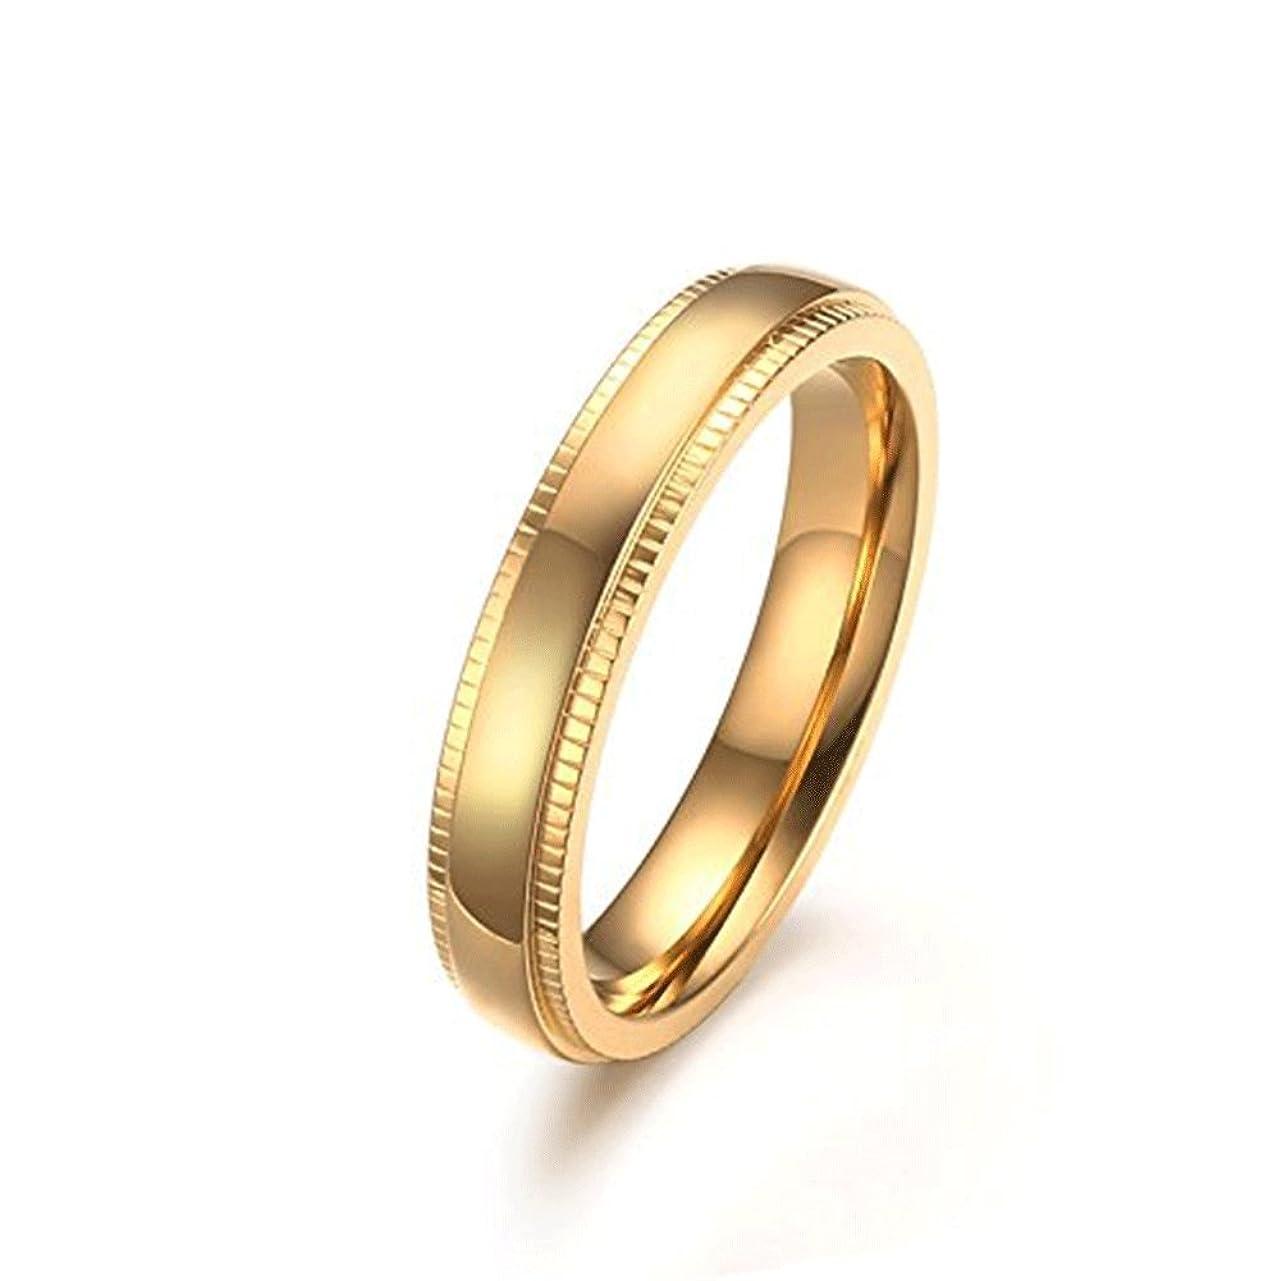 性的論争泥沼AIKS ジュエリー ブランド ファッション リング ピンクゴールド メンズ イニシャル 指輪 17号